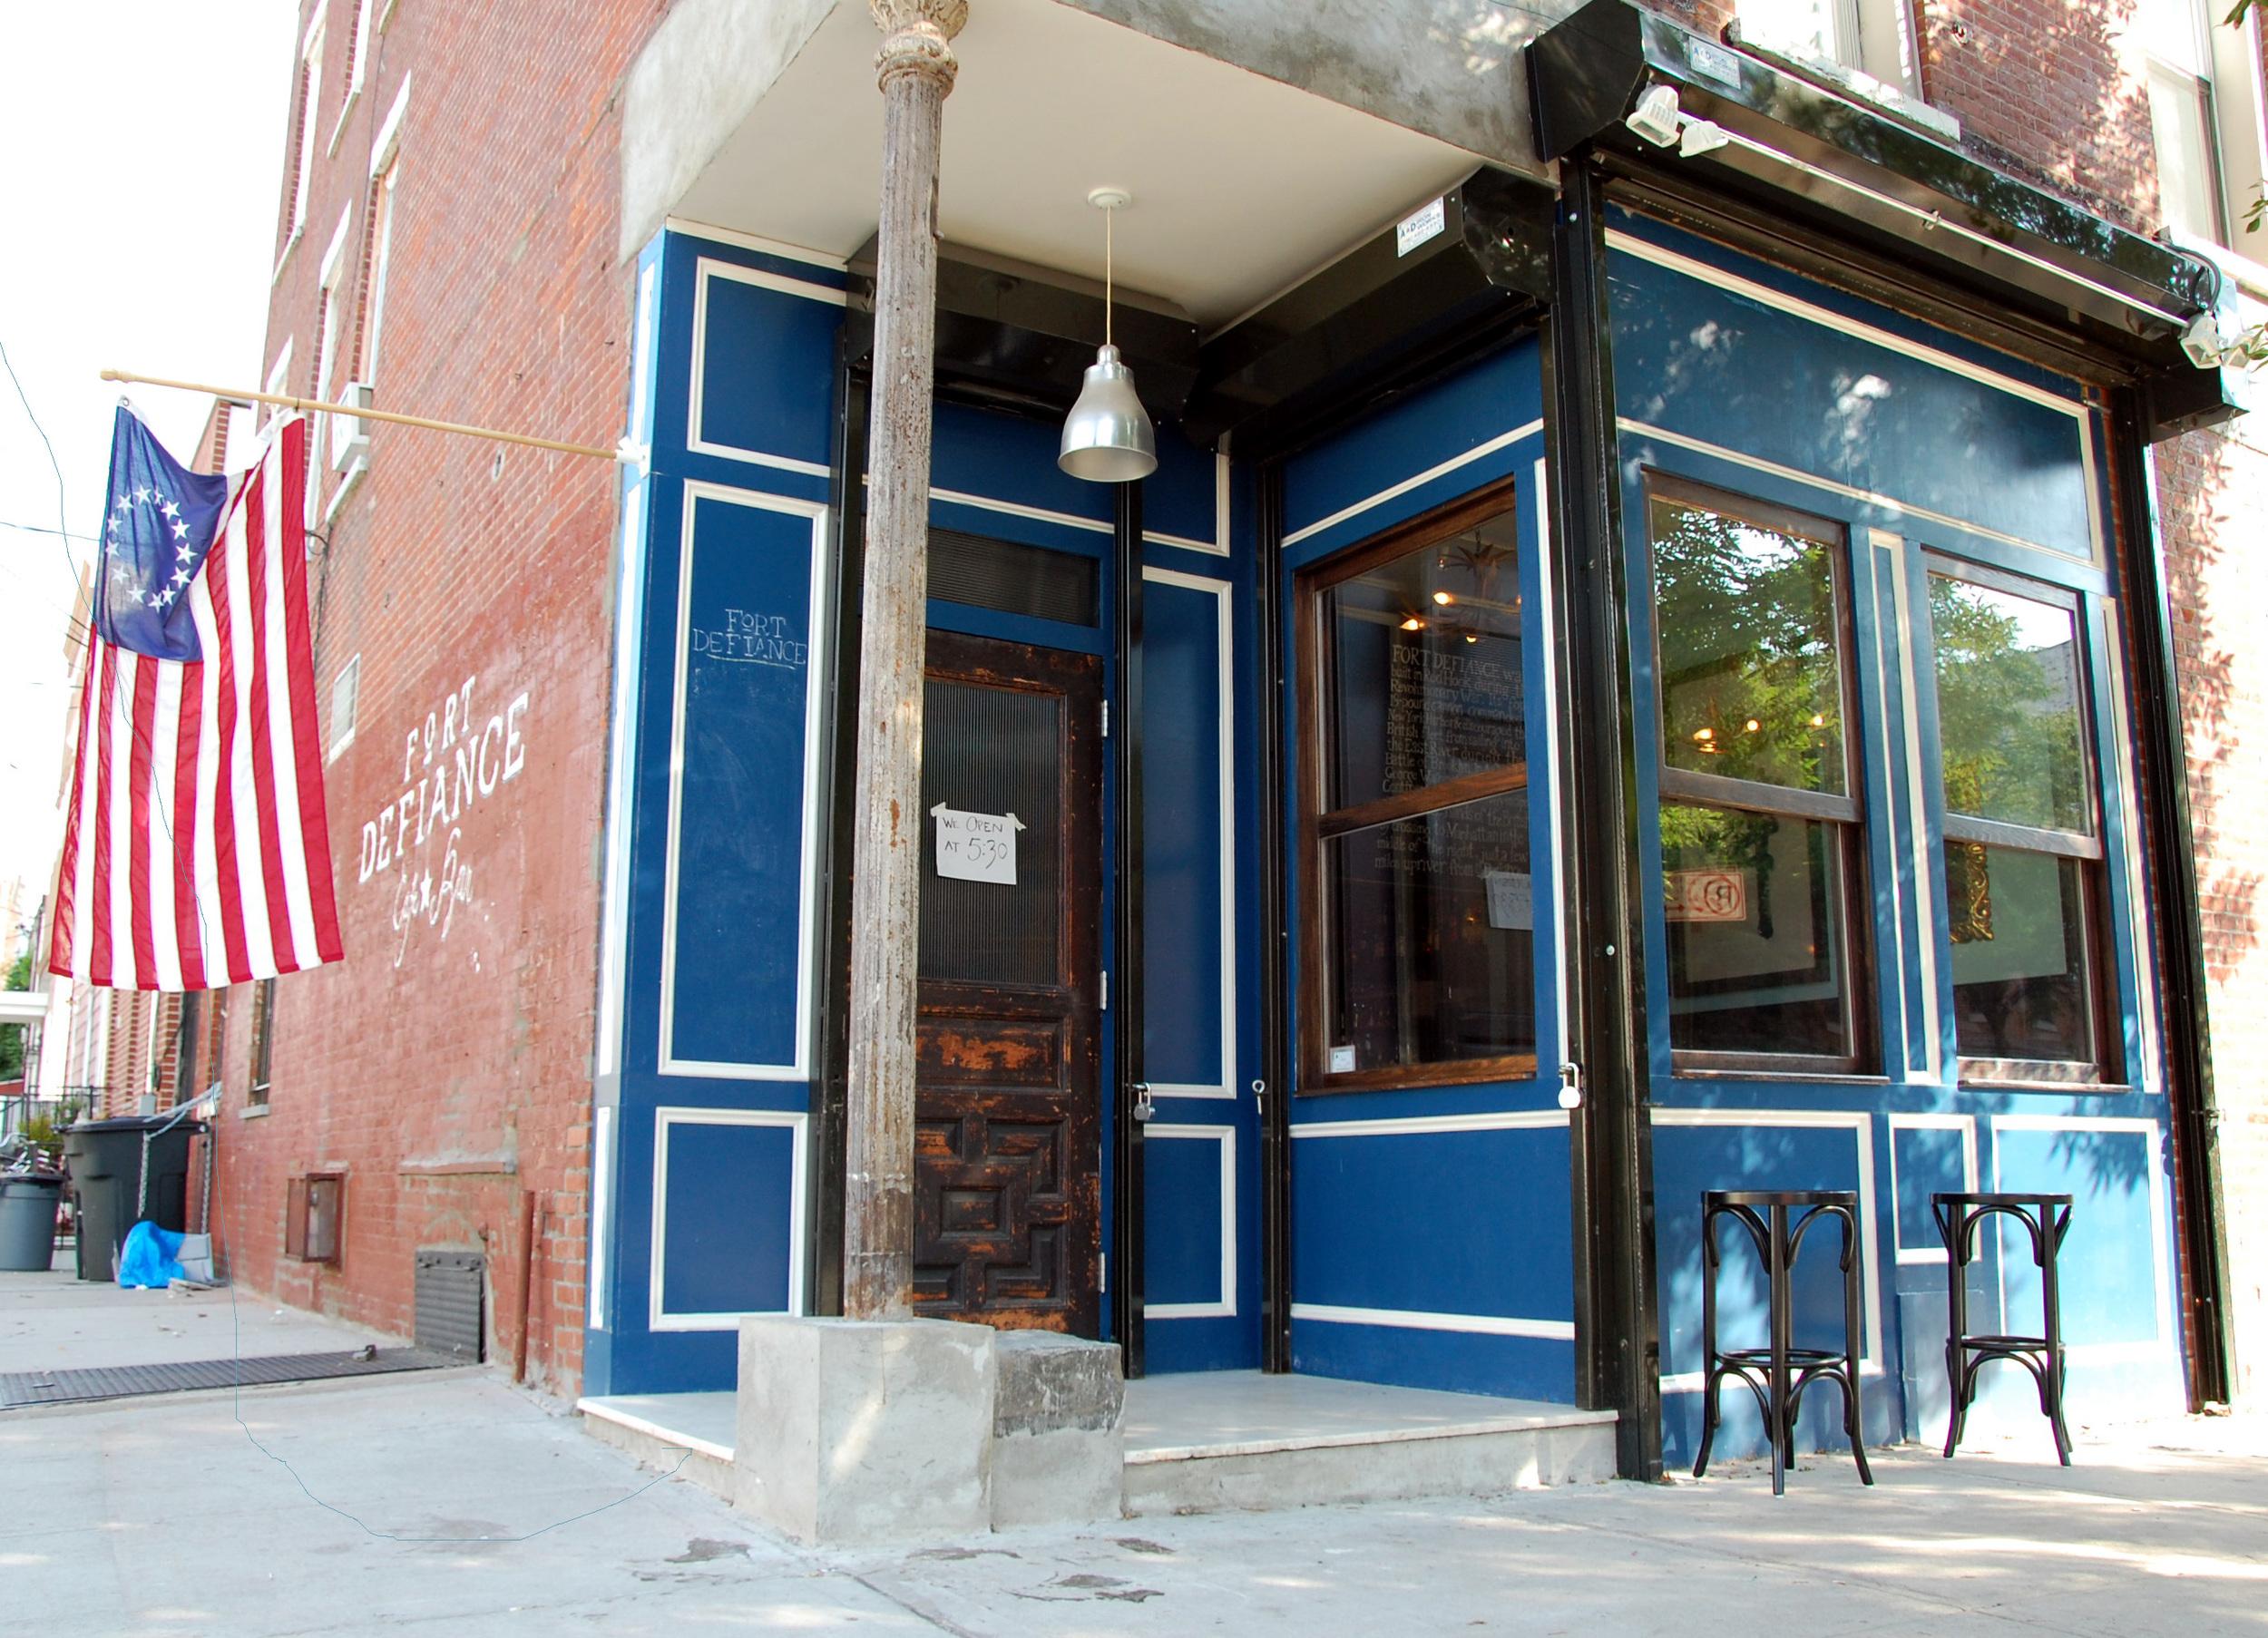 Fort Defiance cafe/bar serving all day